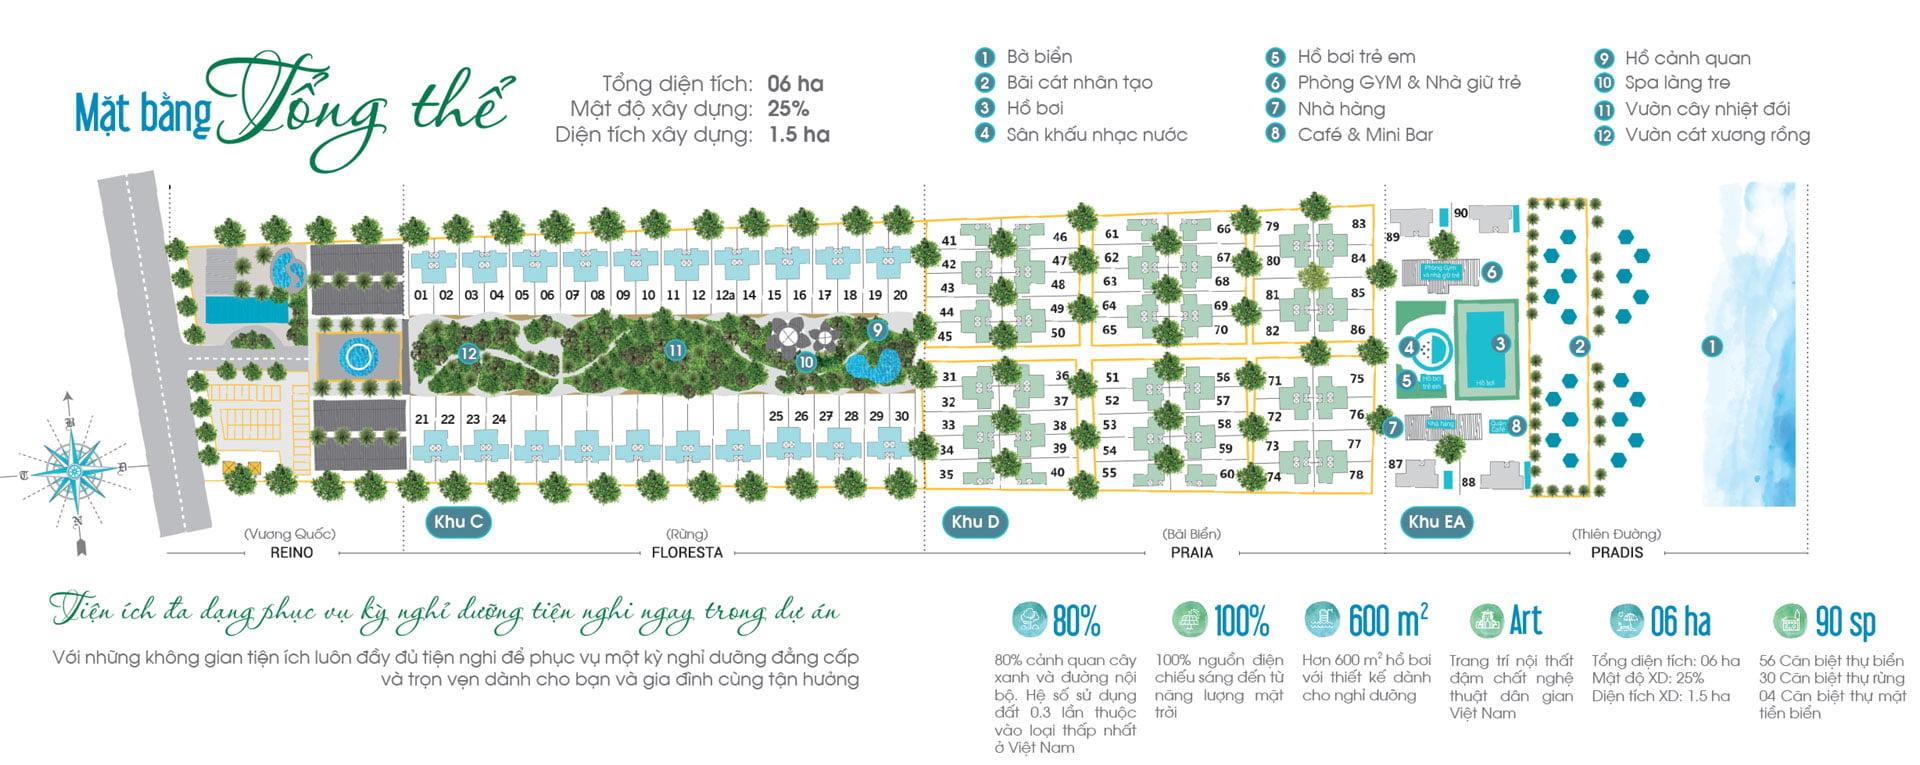 Mặt bằng Dự án Biệt thự Perolas Villas Resort Bình Thuận